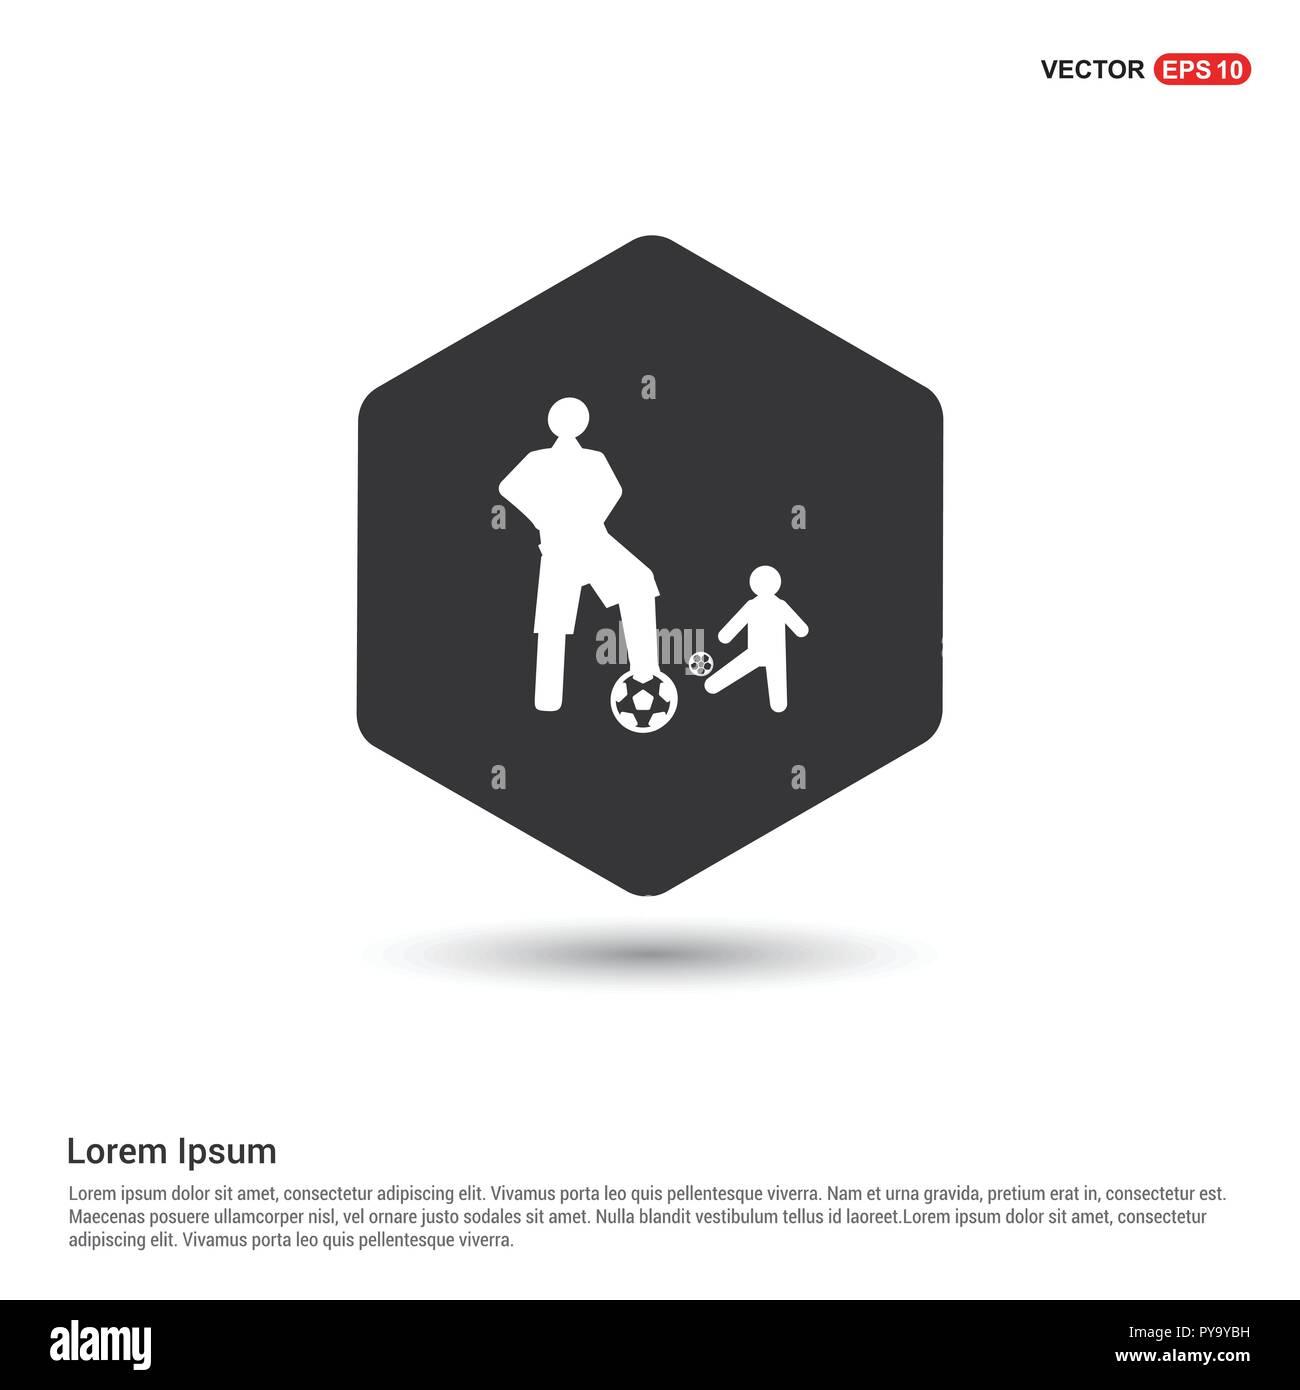 football player icon hexa white background icon template free